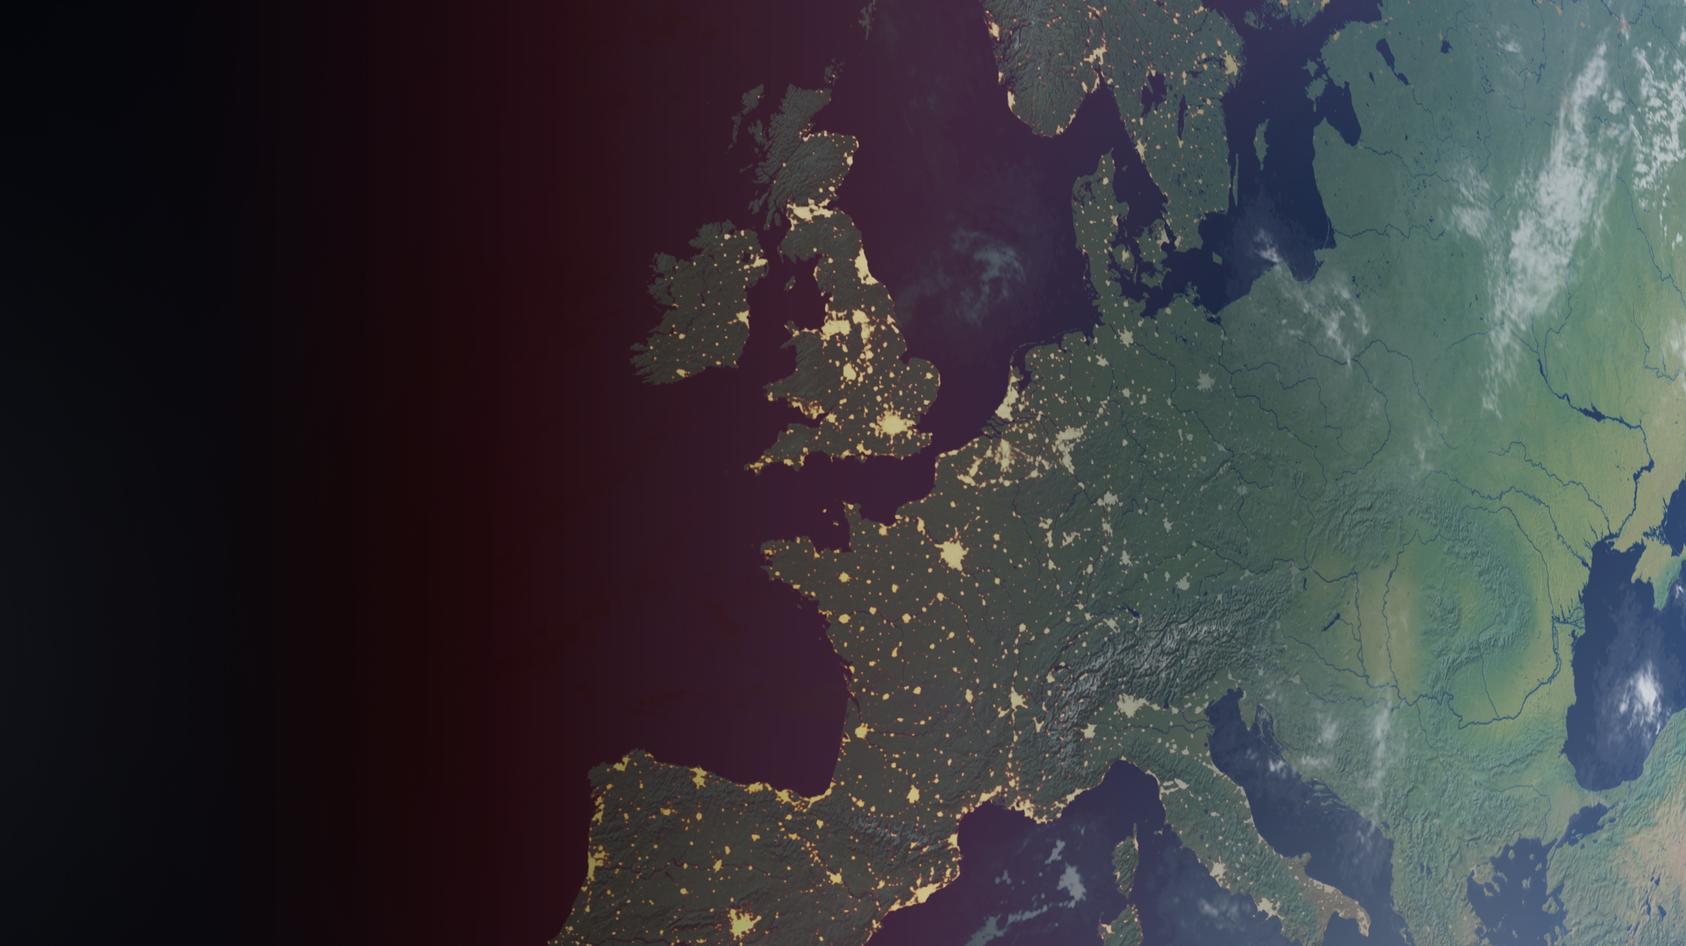 Weil unsere Nächte immer heller werden, haben es Sternegucker in Deutschland immer schwerer, ungestört in den Nachthimmel zu blicken.